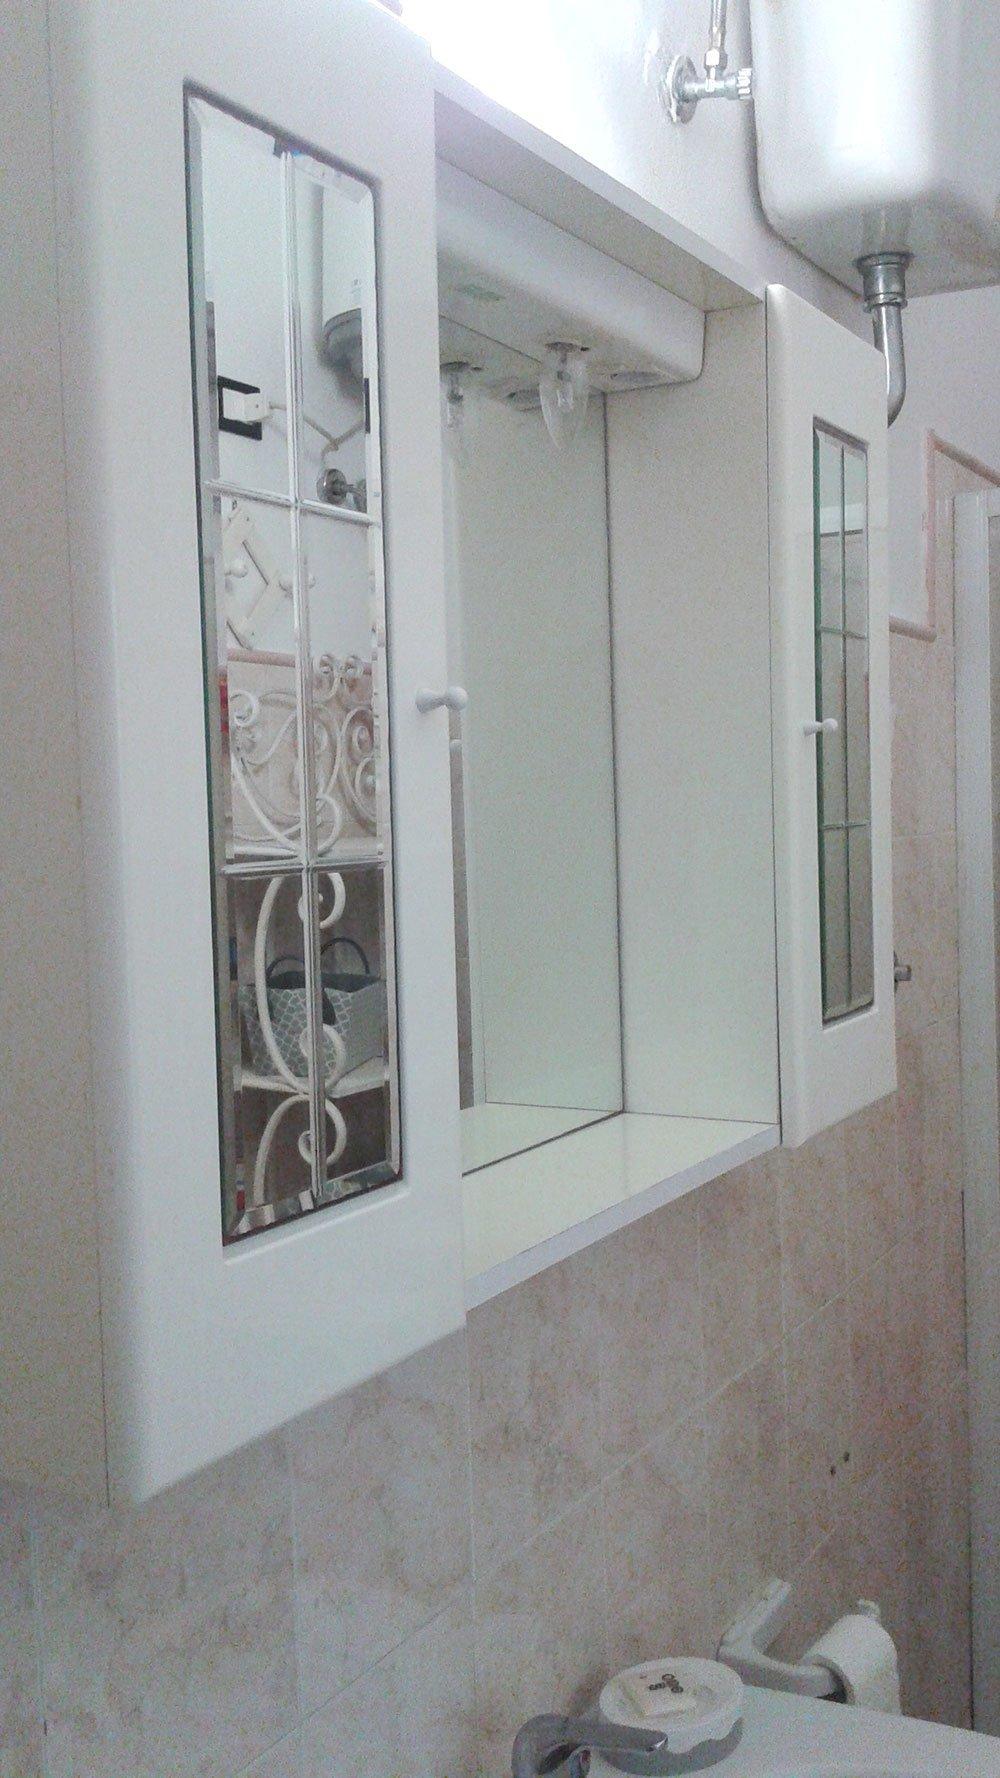 vista di un mobile bianco con due specchi sopra un lavabo in un bagno